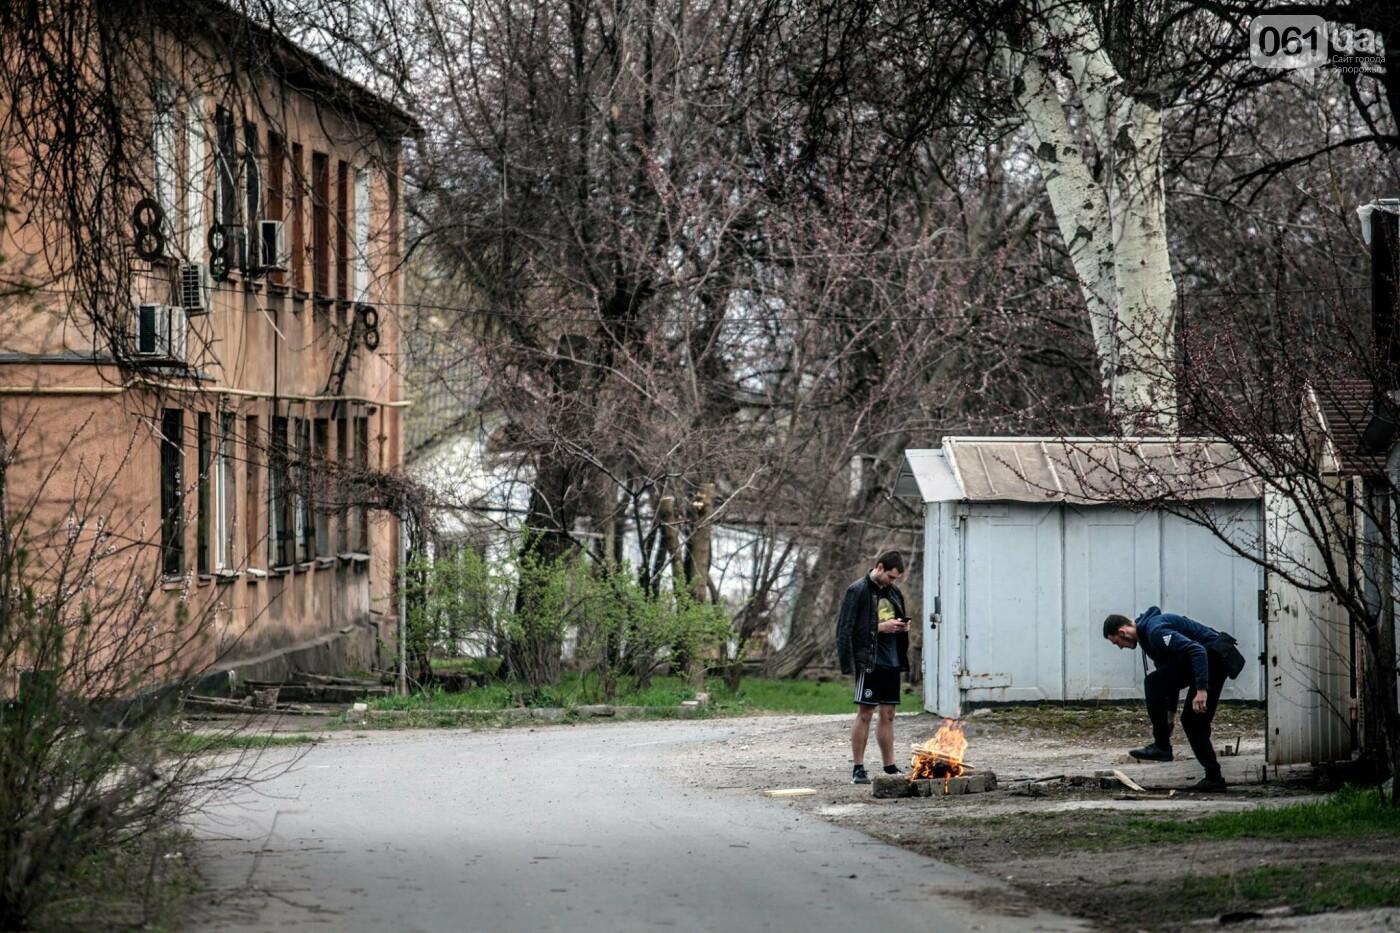 Киевский фотограф показал Кичкас в 50 фотографиях: «своя особая красота», - ФОТОРЕПОРТАЖ, фото-6